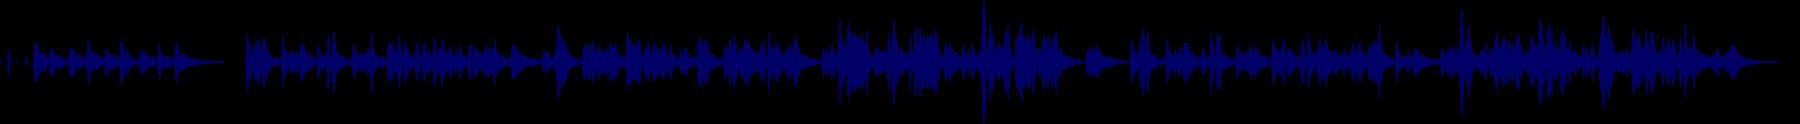 waveform of track #70996